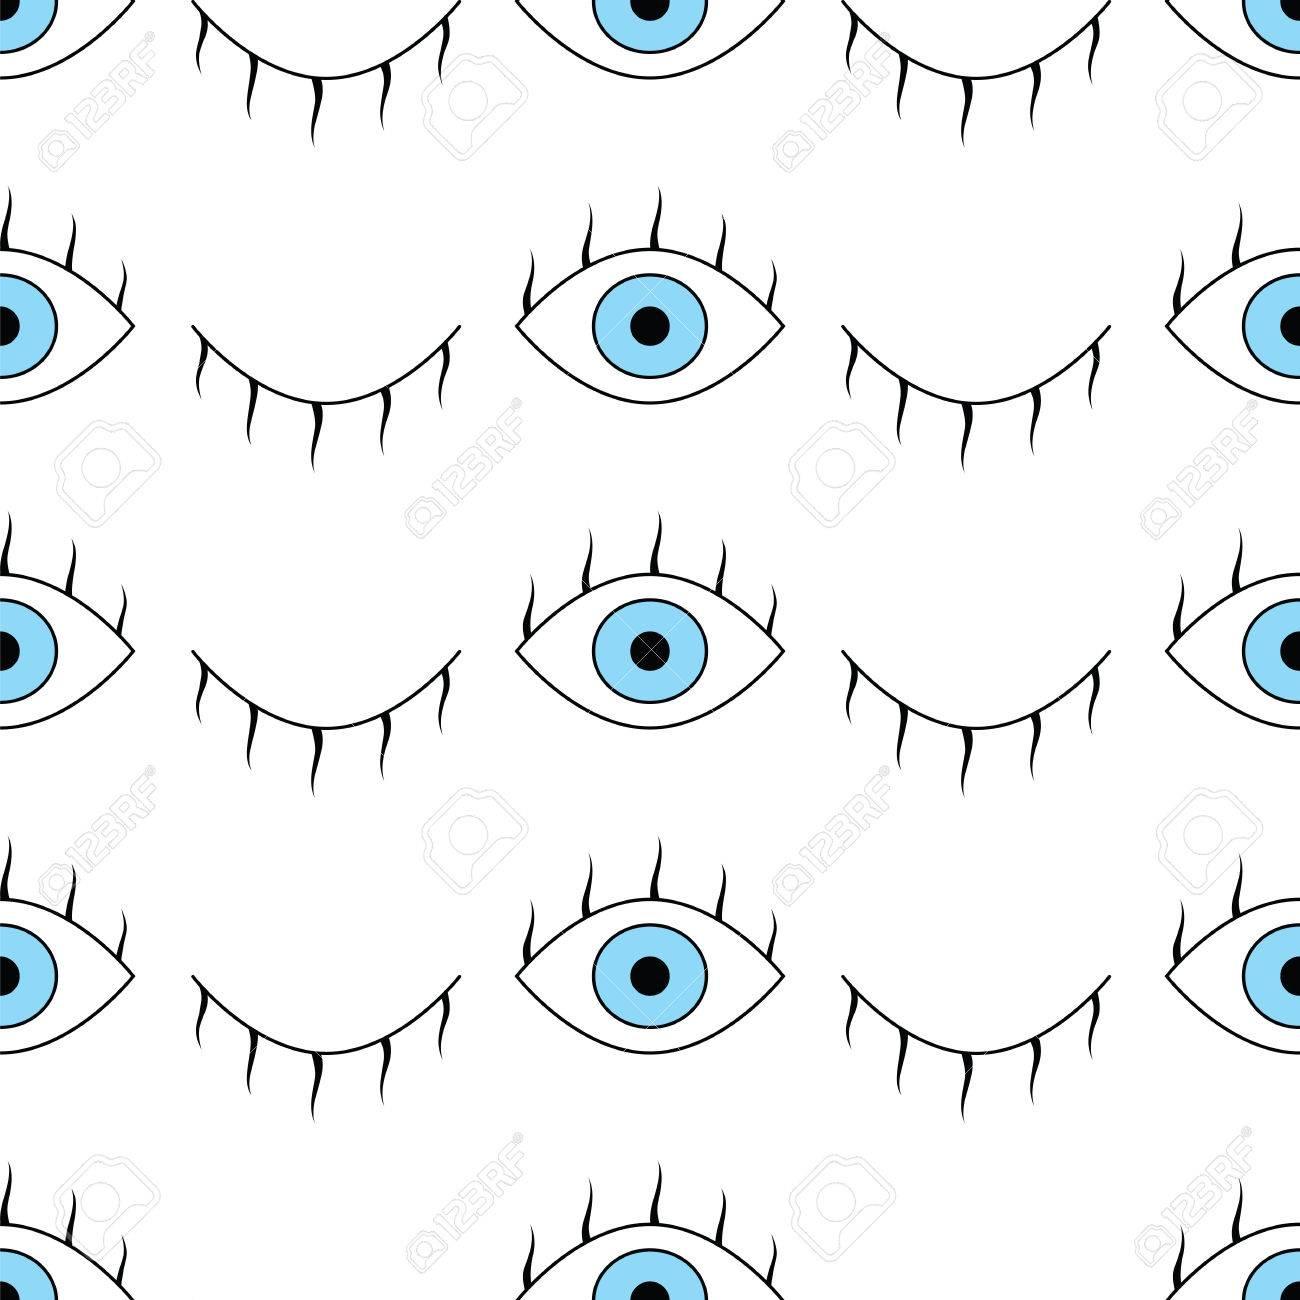 目とのシームレスなパターン 単純なベクトルの目で抽象的なシームレス パターン 目を開くとウィンク抽象的なパターン かわいいおしゃれな背景 壁紙 パターンの塗りつぶし ウェブの背景 表面のテクスチャ 繊維のシームレスなパターン のイラスト素材 ベクタ